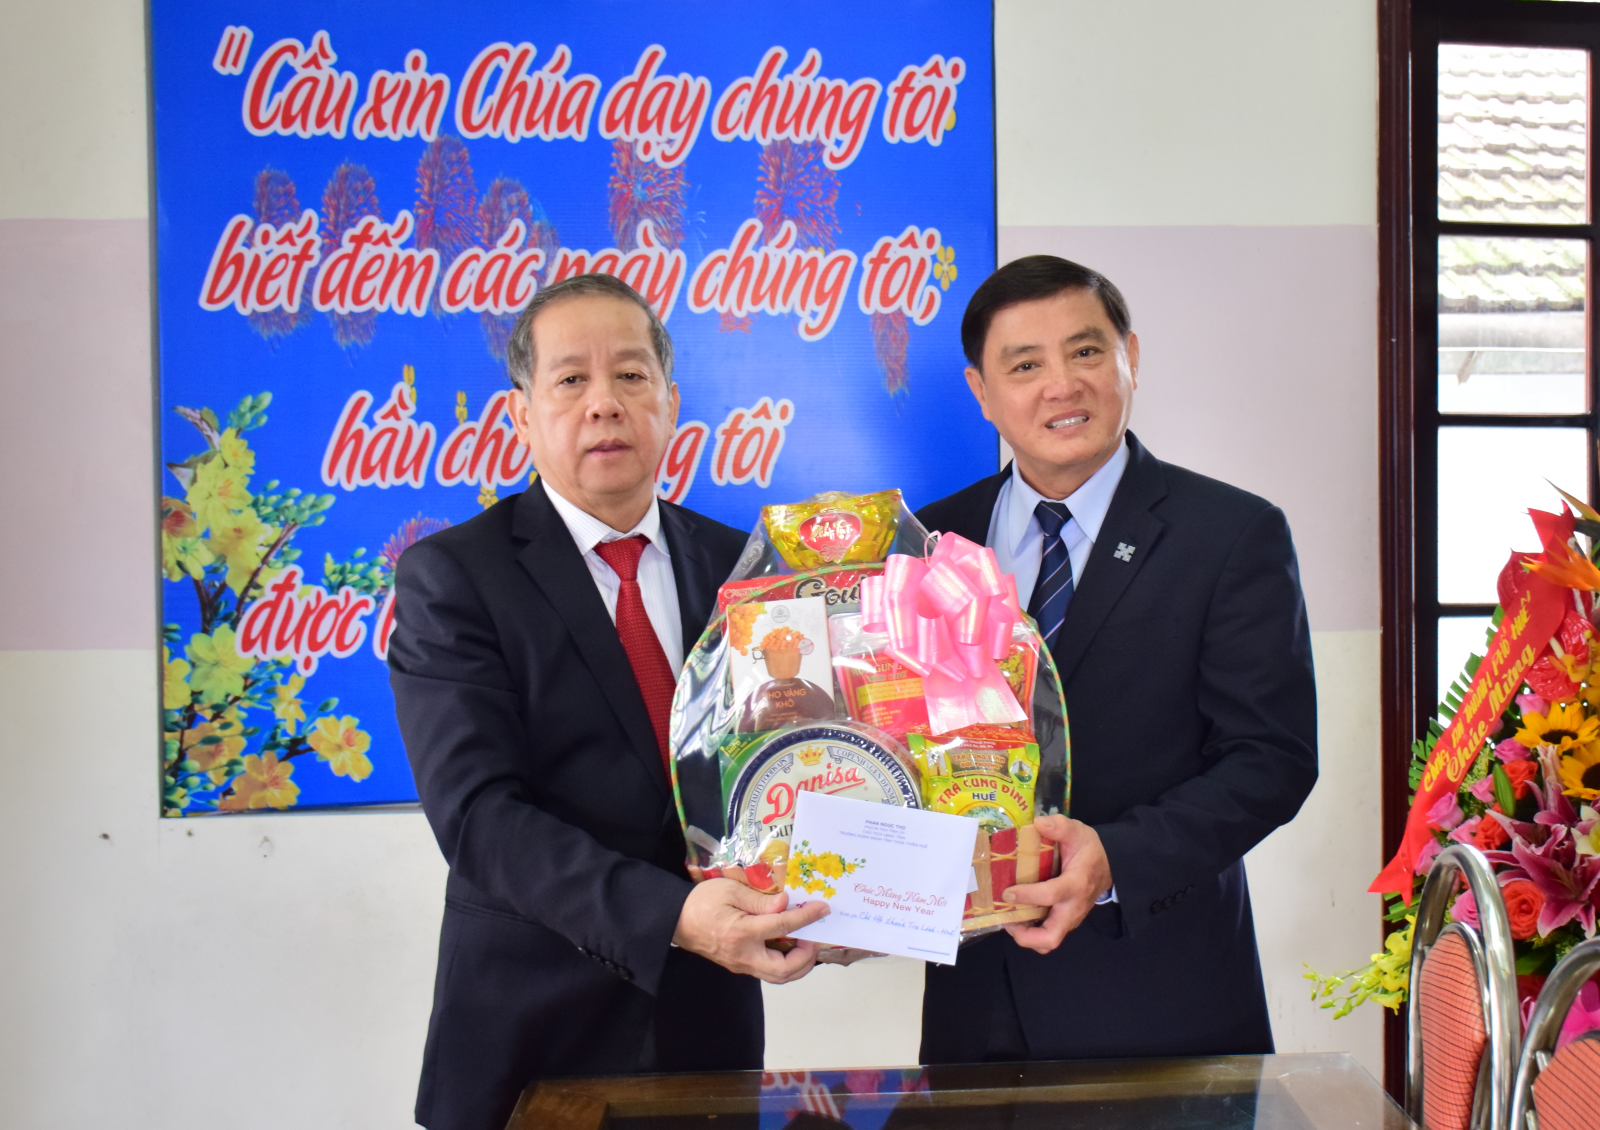 Chủ tịch UBND tỉnh Phan Ngọc Thọ thăm, chúc tết các cơ sở tôn giáo